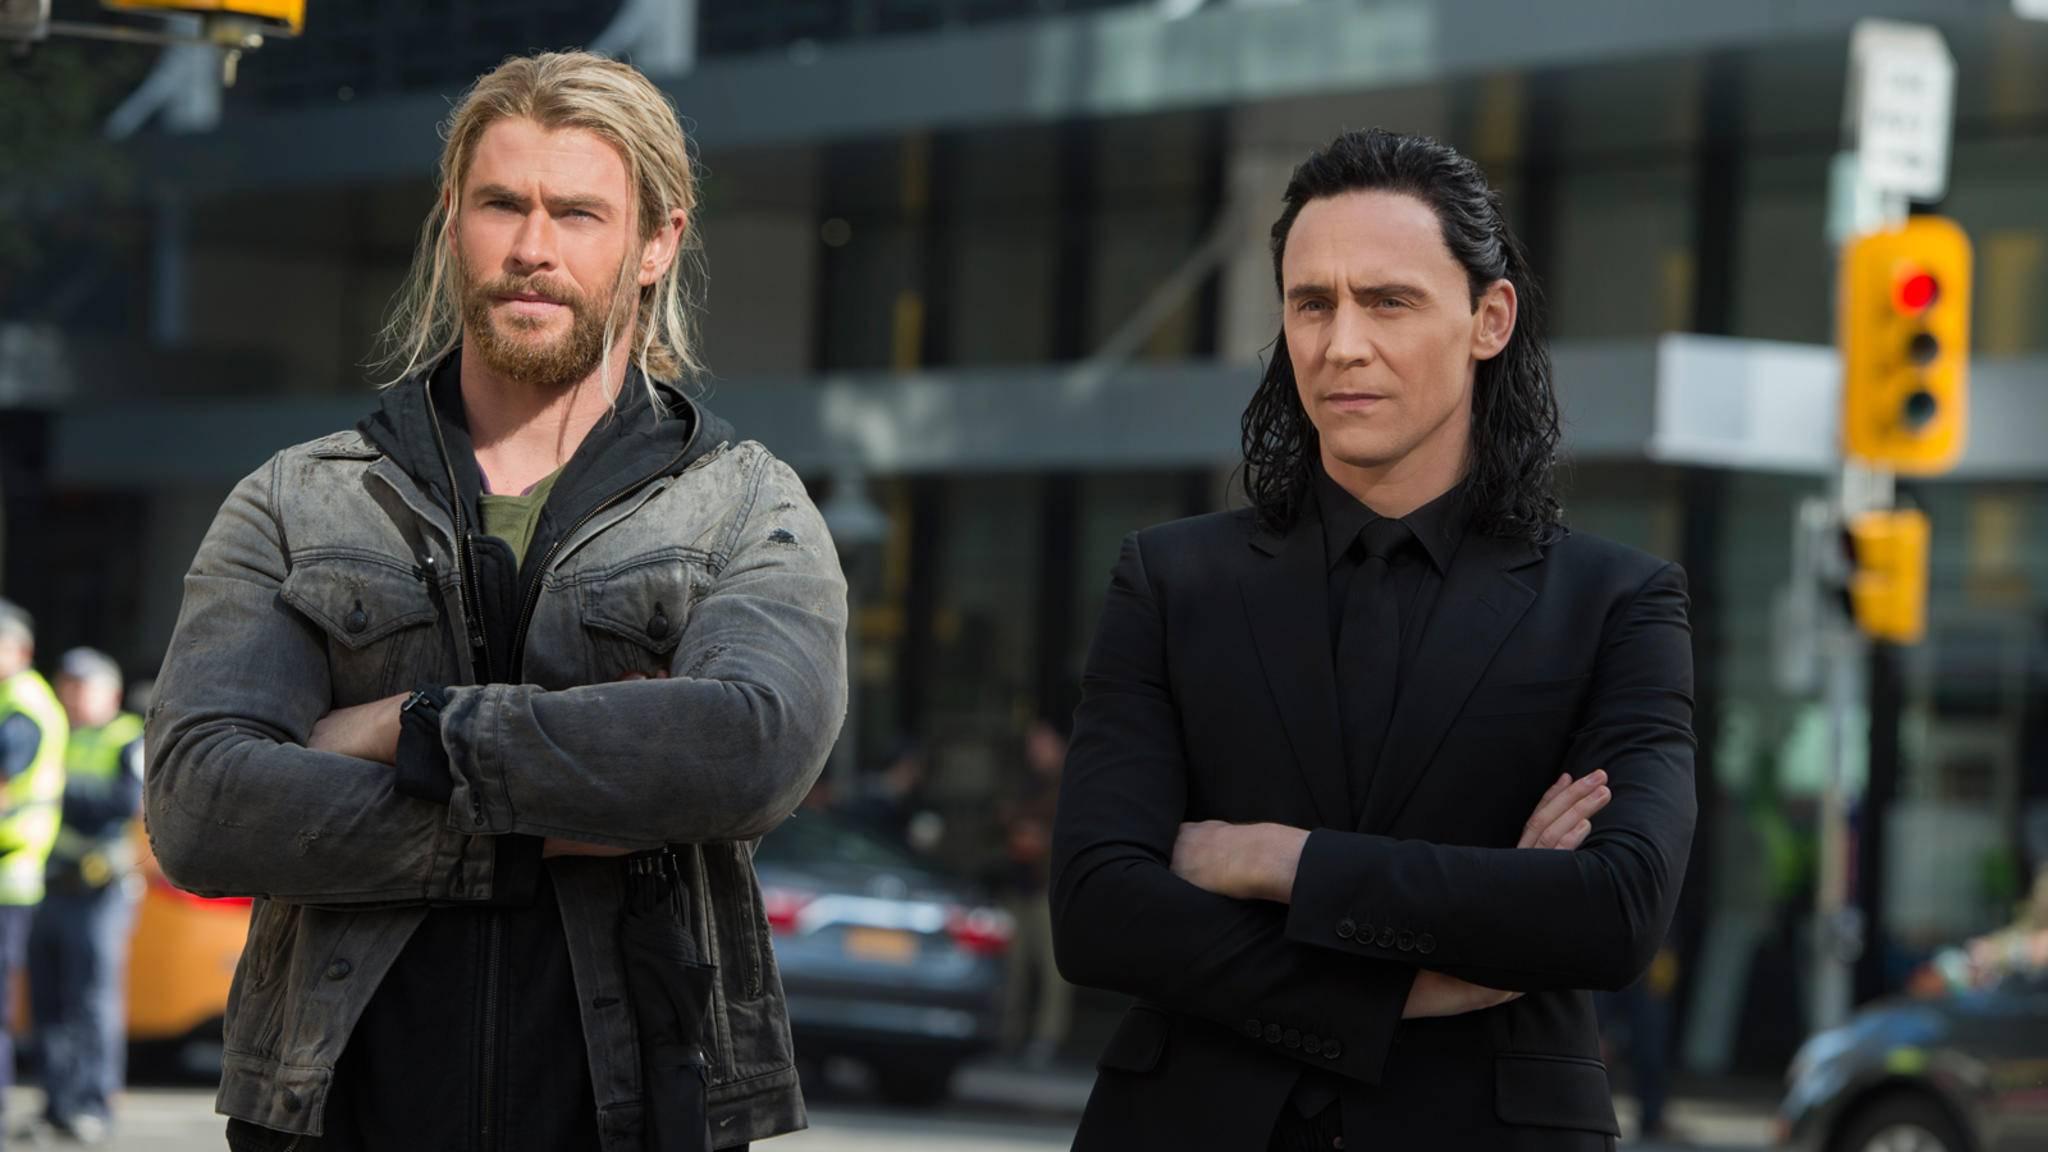 """""""Thor 3: Tag der Entscheidung"""" war ein Hammer-Erfolg – """"The Dark Kingdom"""" eher so """"meh"""", um es mit Hemsworths (links im Bild) Worten zu sagen."""